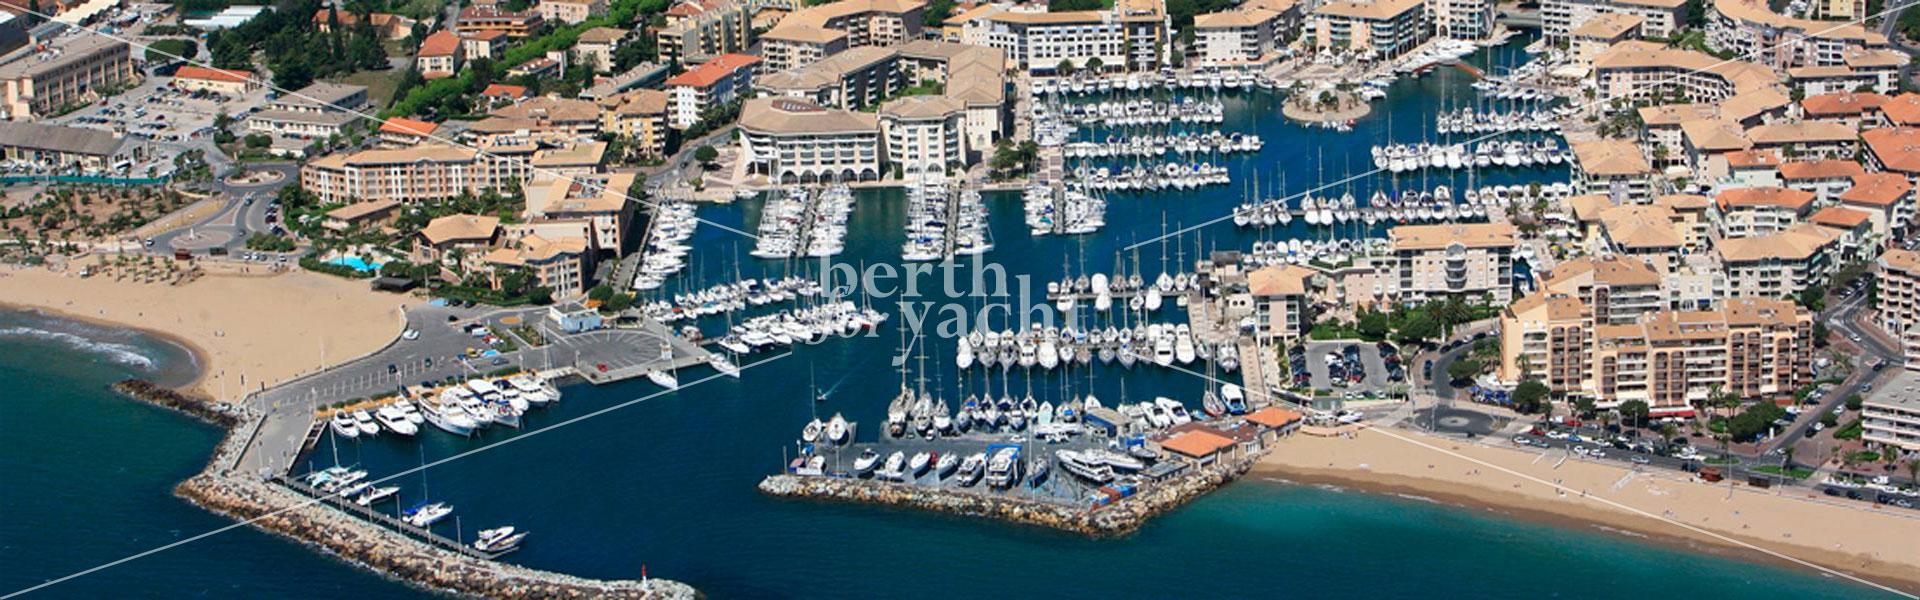 Autres emplacements pour yacht dans marinas en m diterran e - Place de port disponible mediterranee ...